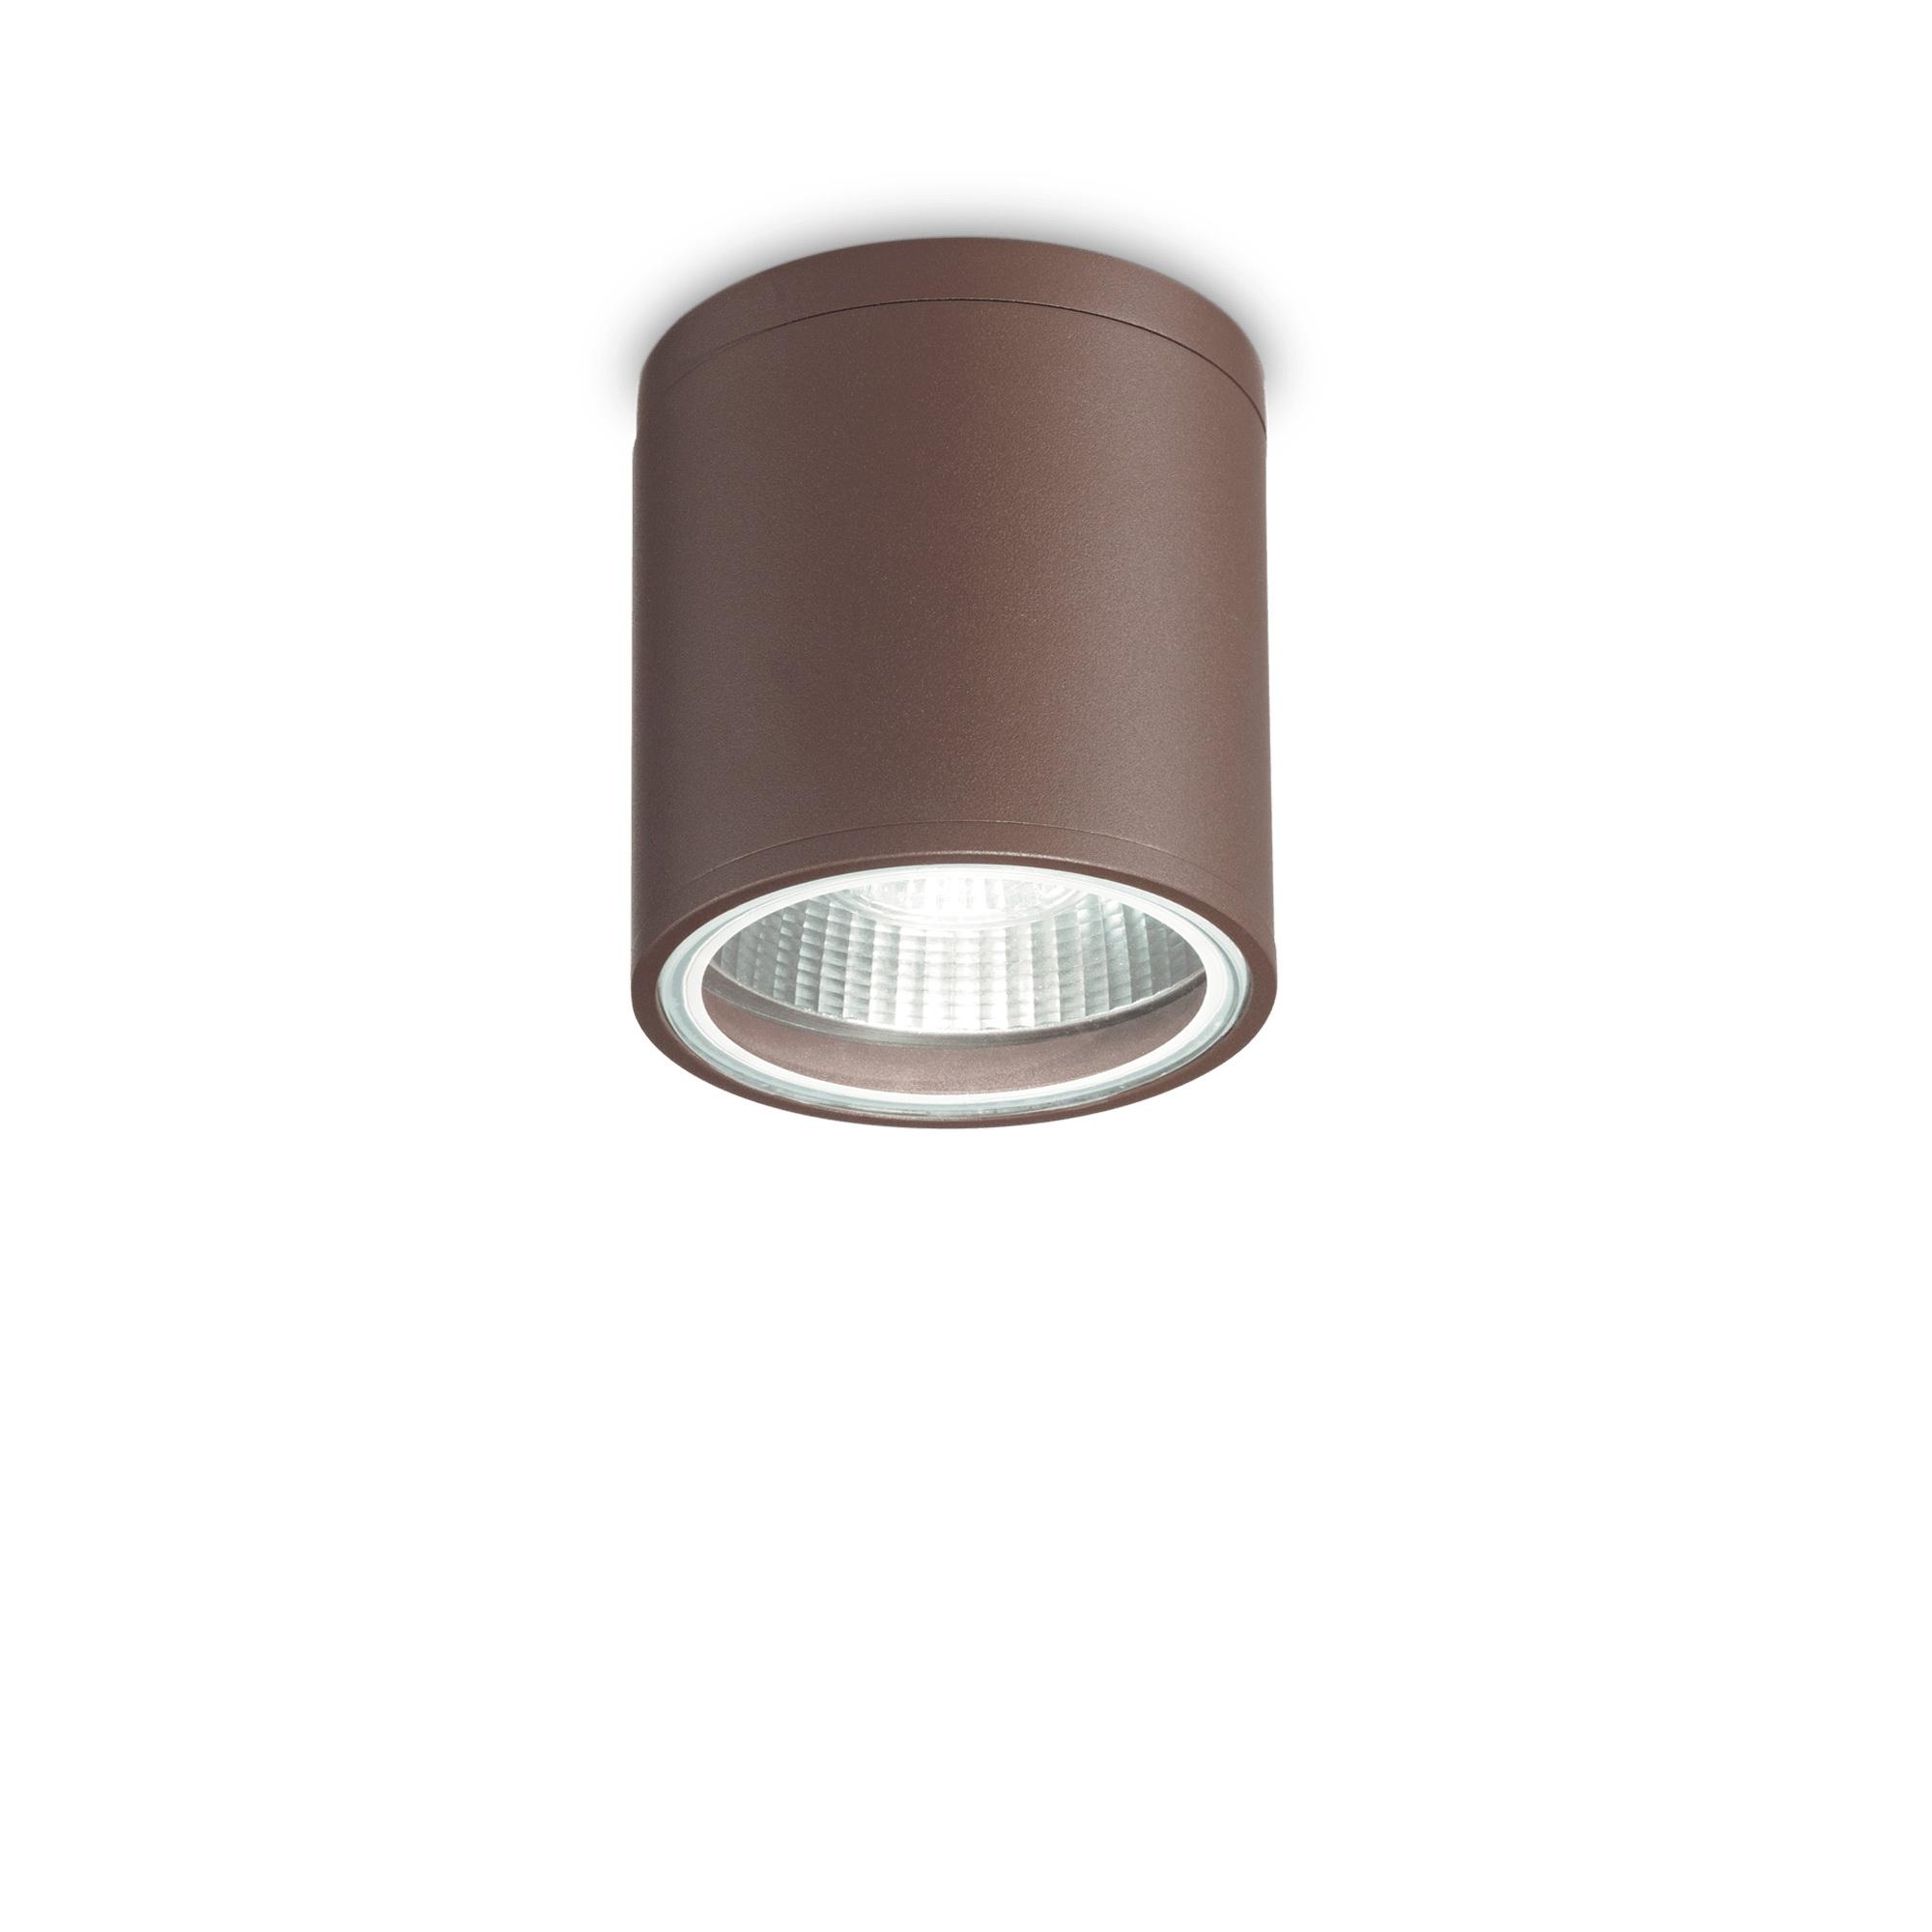 GUN PL1 COFFEE уличный потолочный светильник